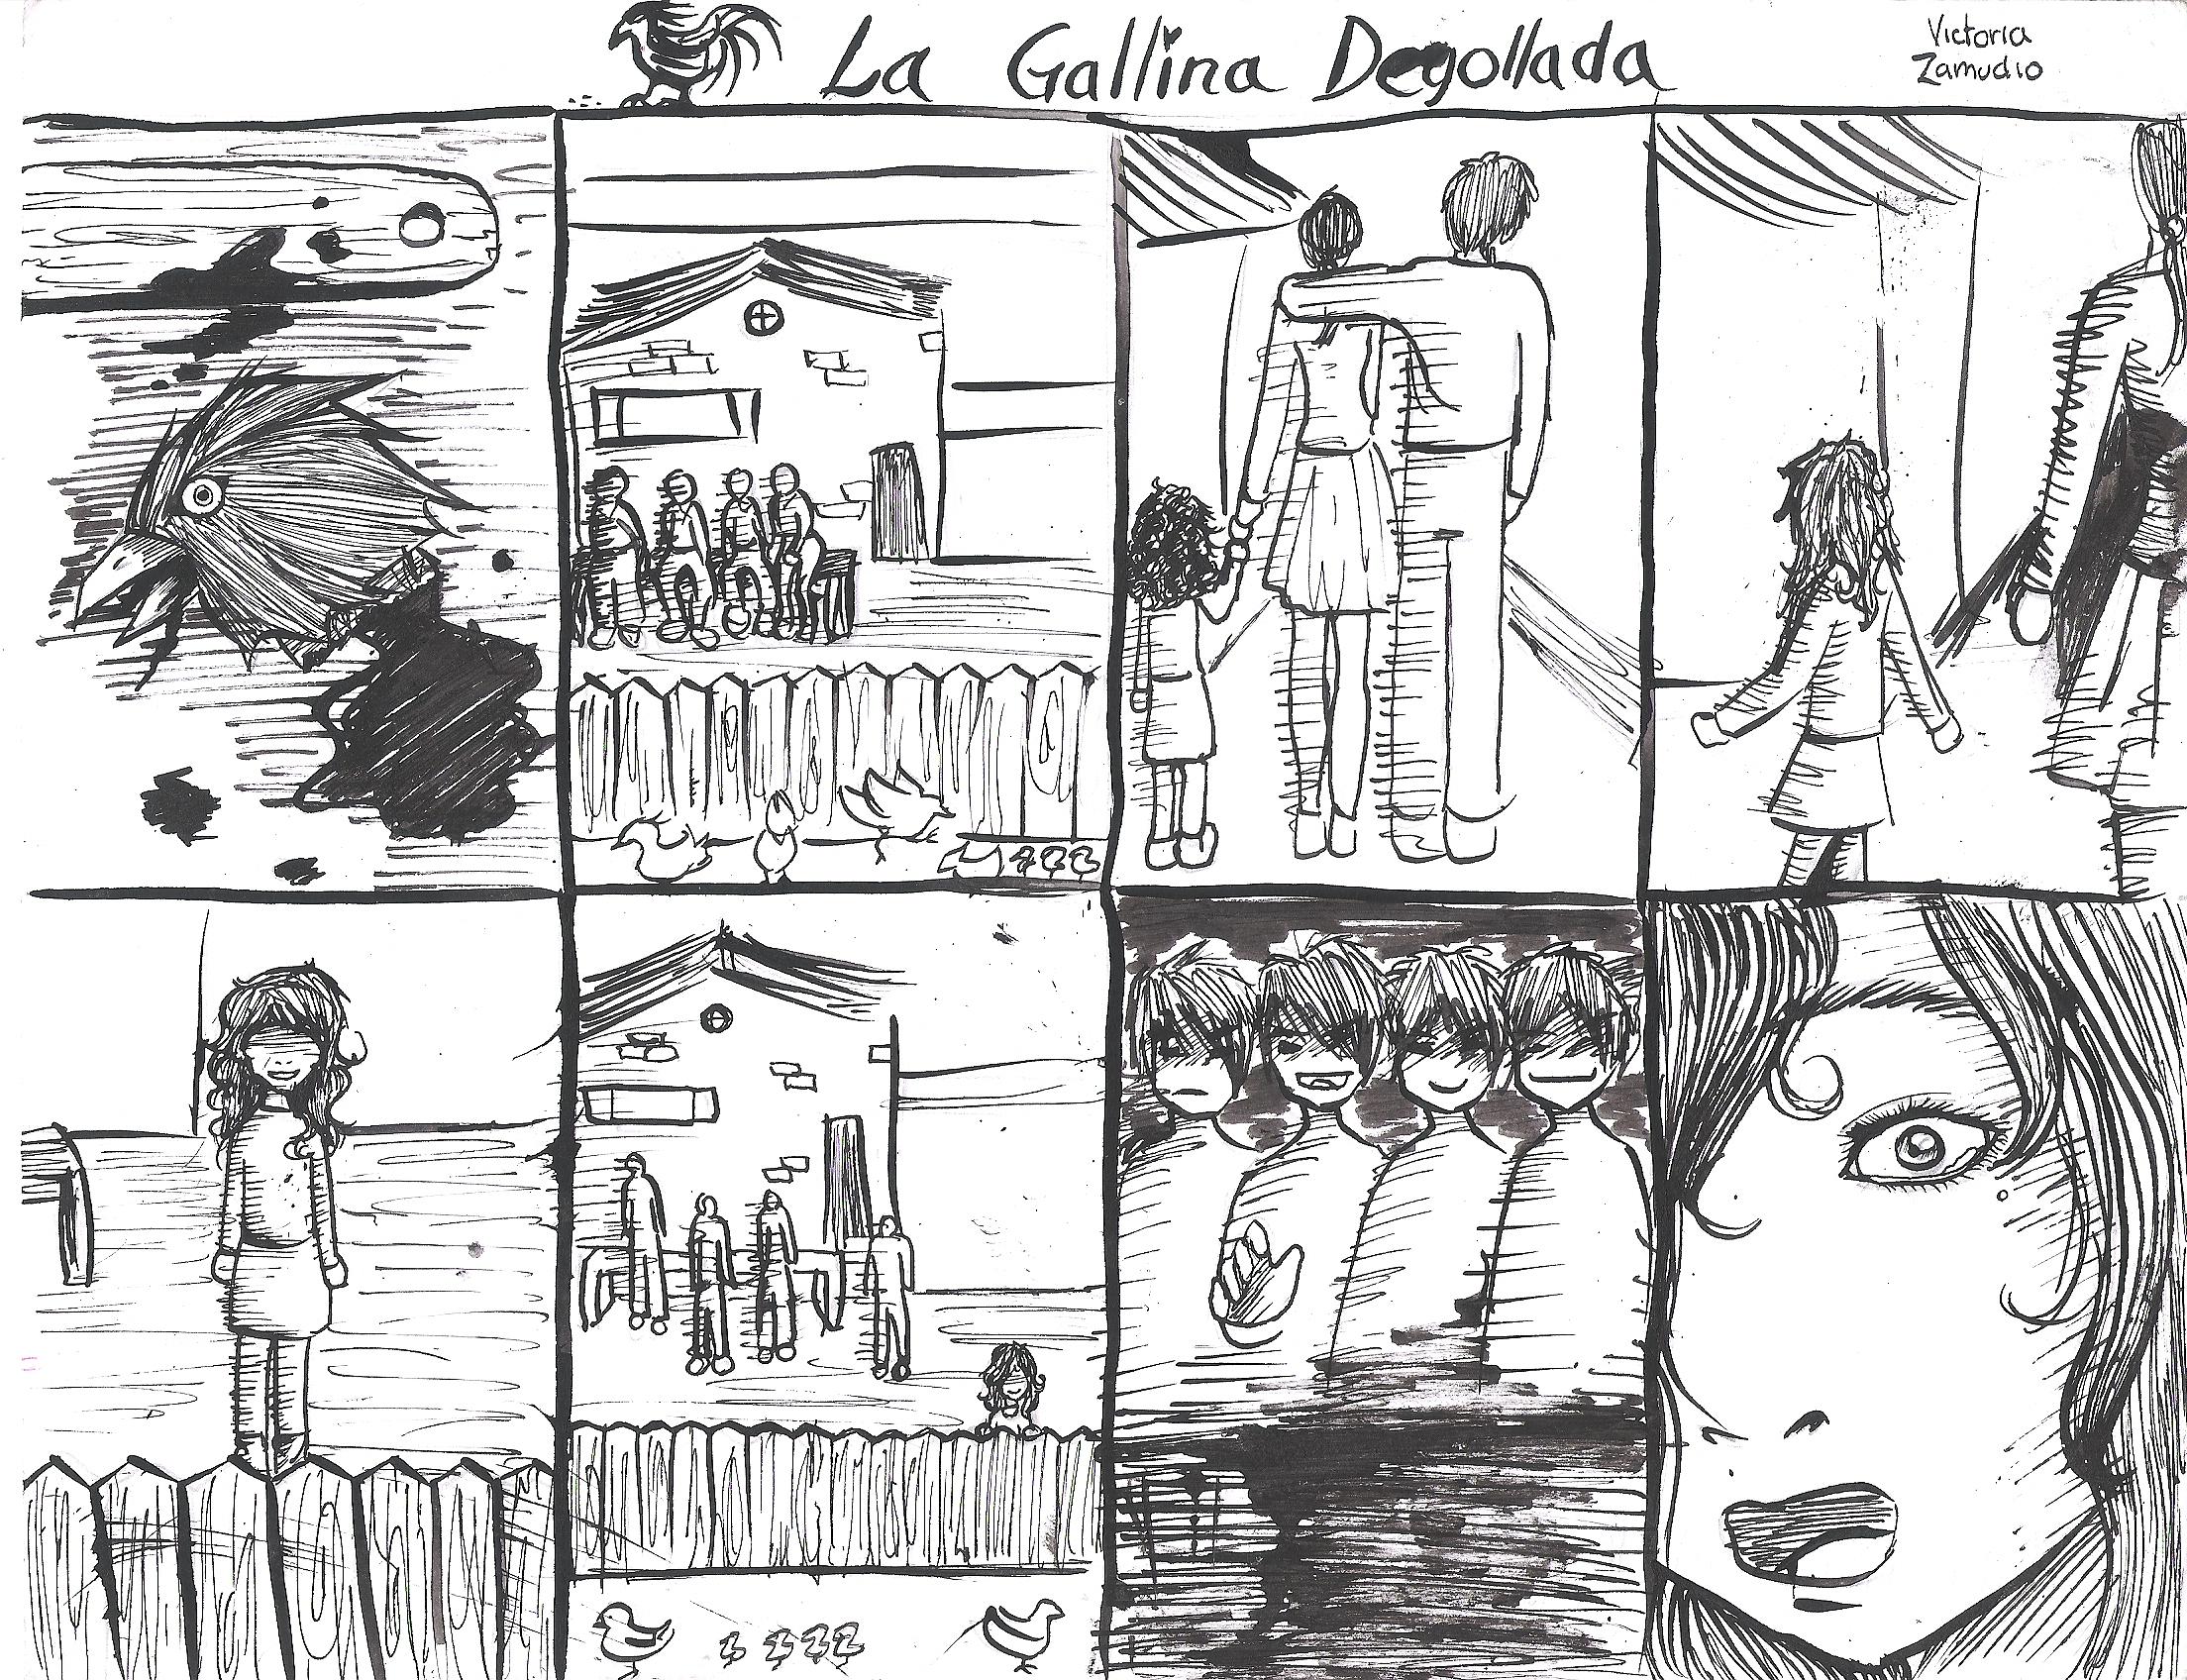 La Gallina Degollada